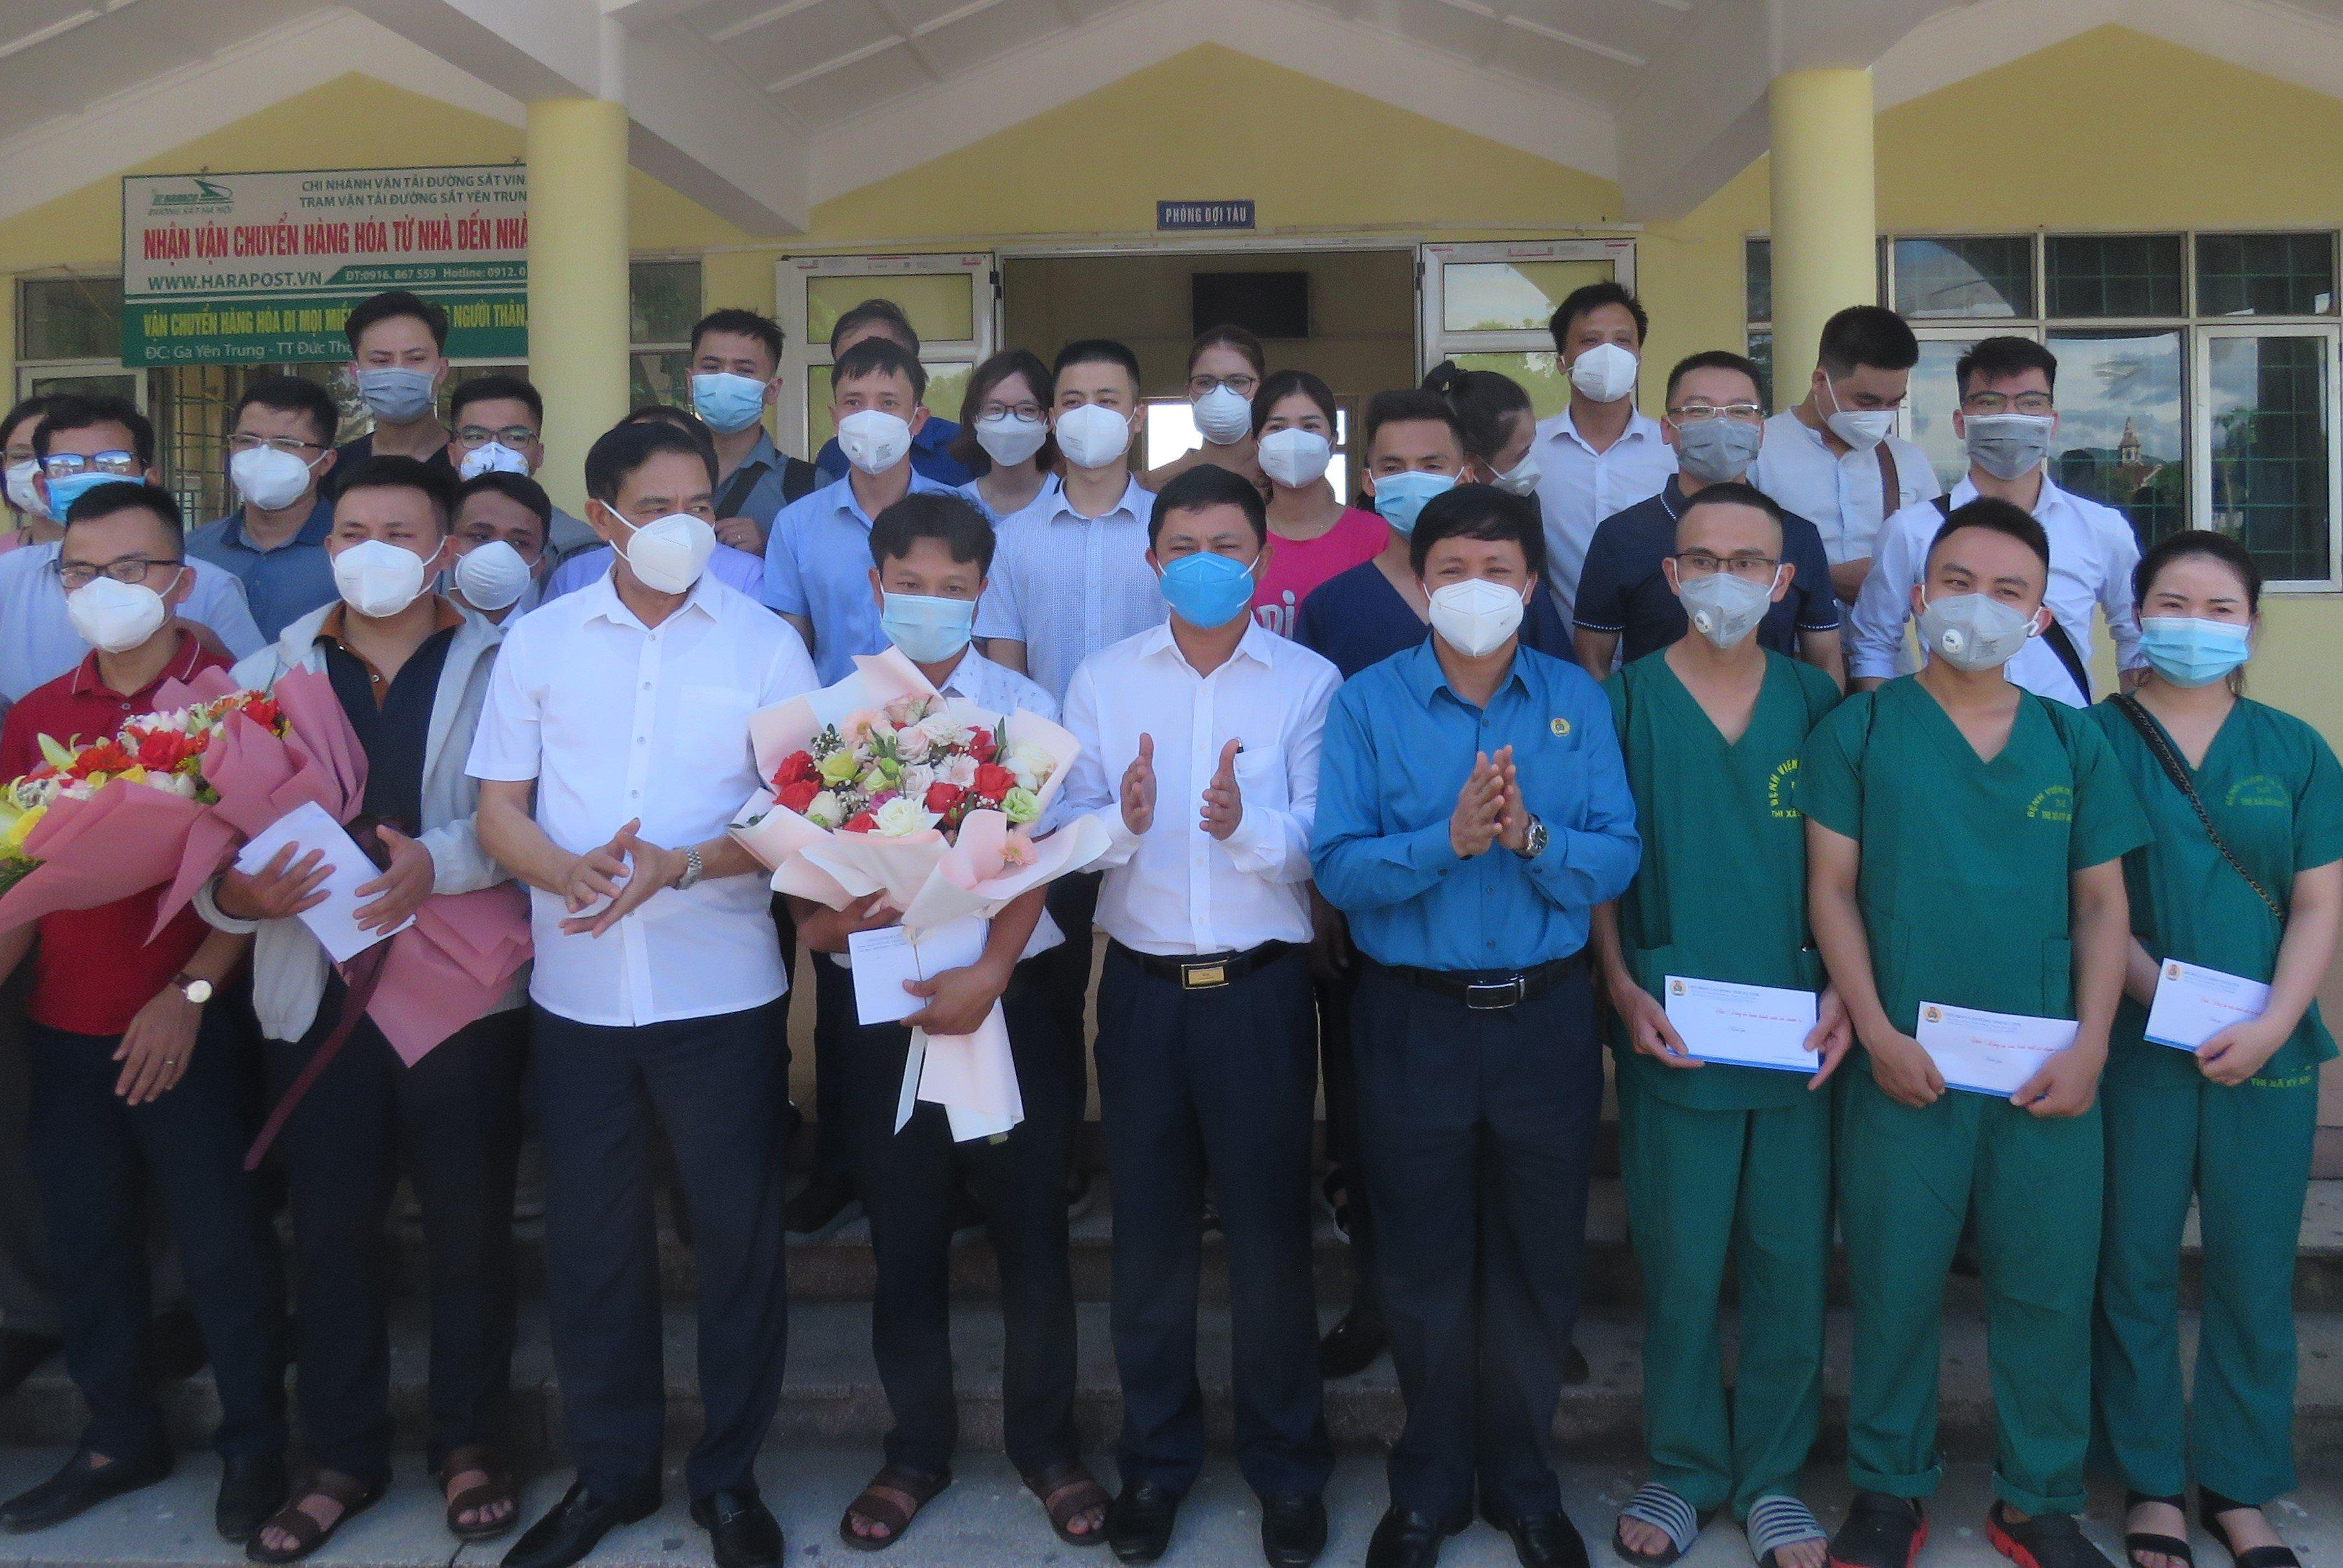 Lãnh đạo LĐLĐ tỉnh động viên, tiễn Đoàn công tác ngành Y tế vào hỗ trợ Bình Dương chống dịch